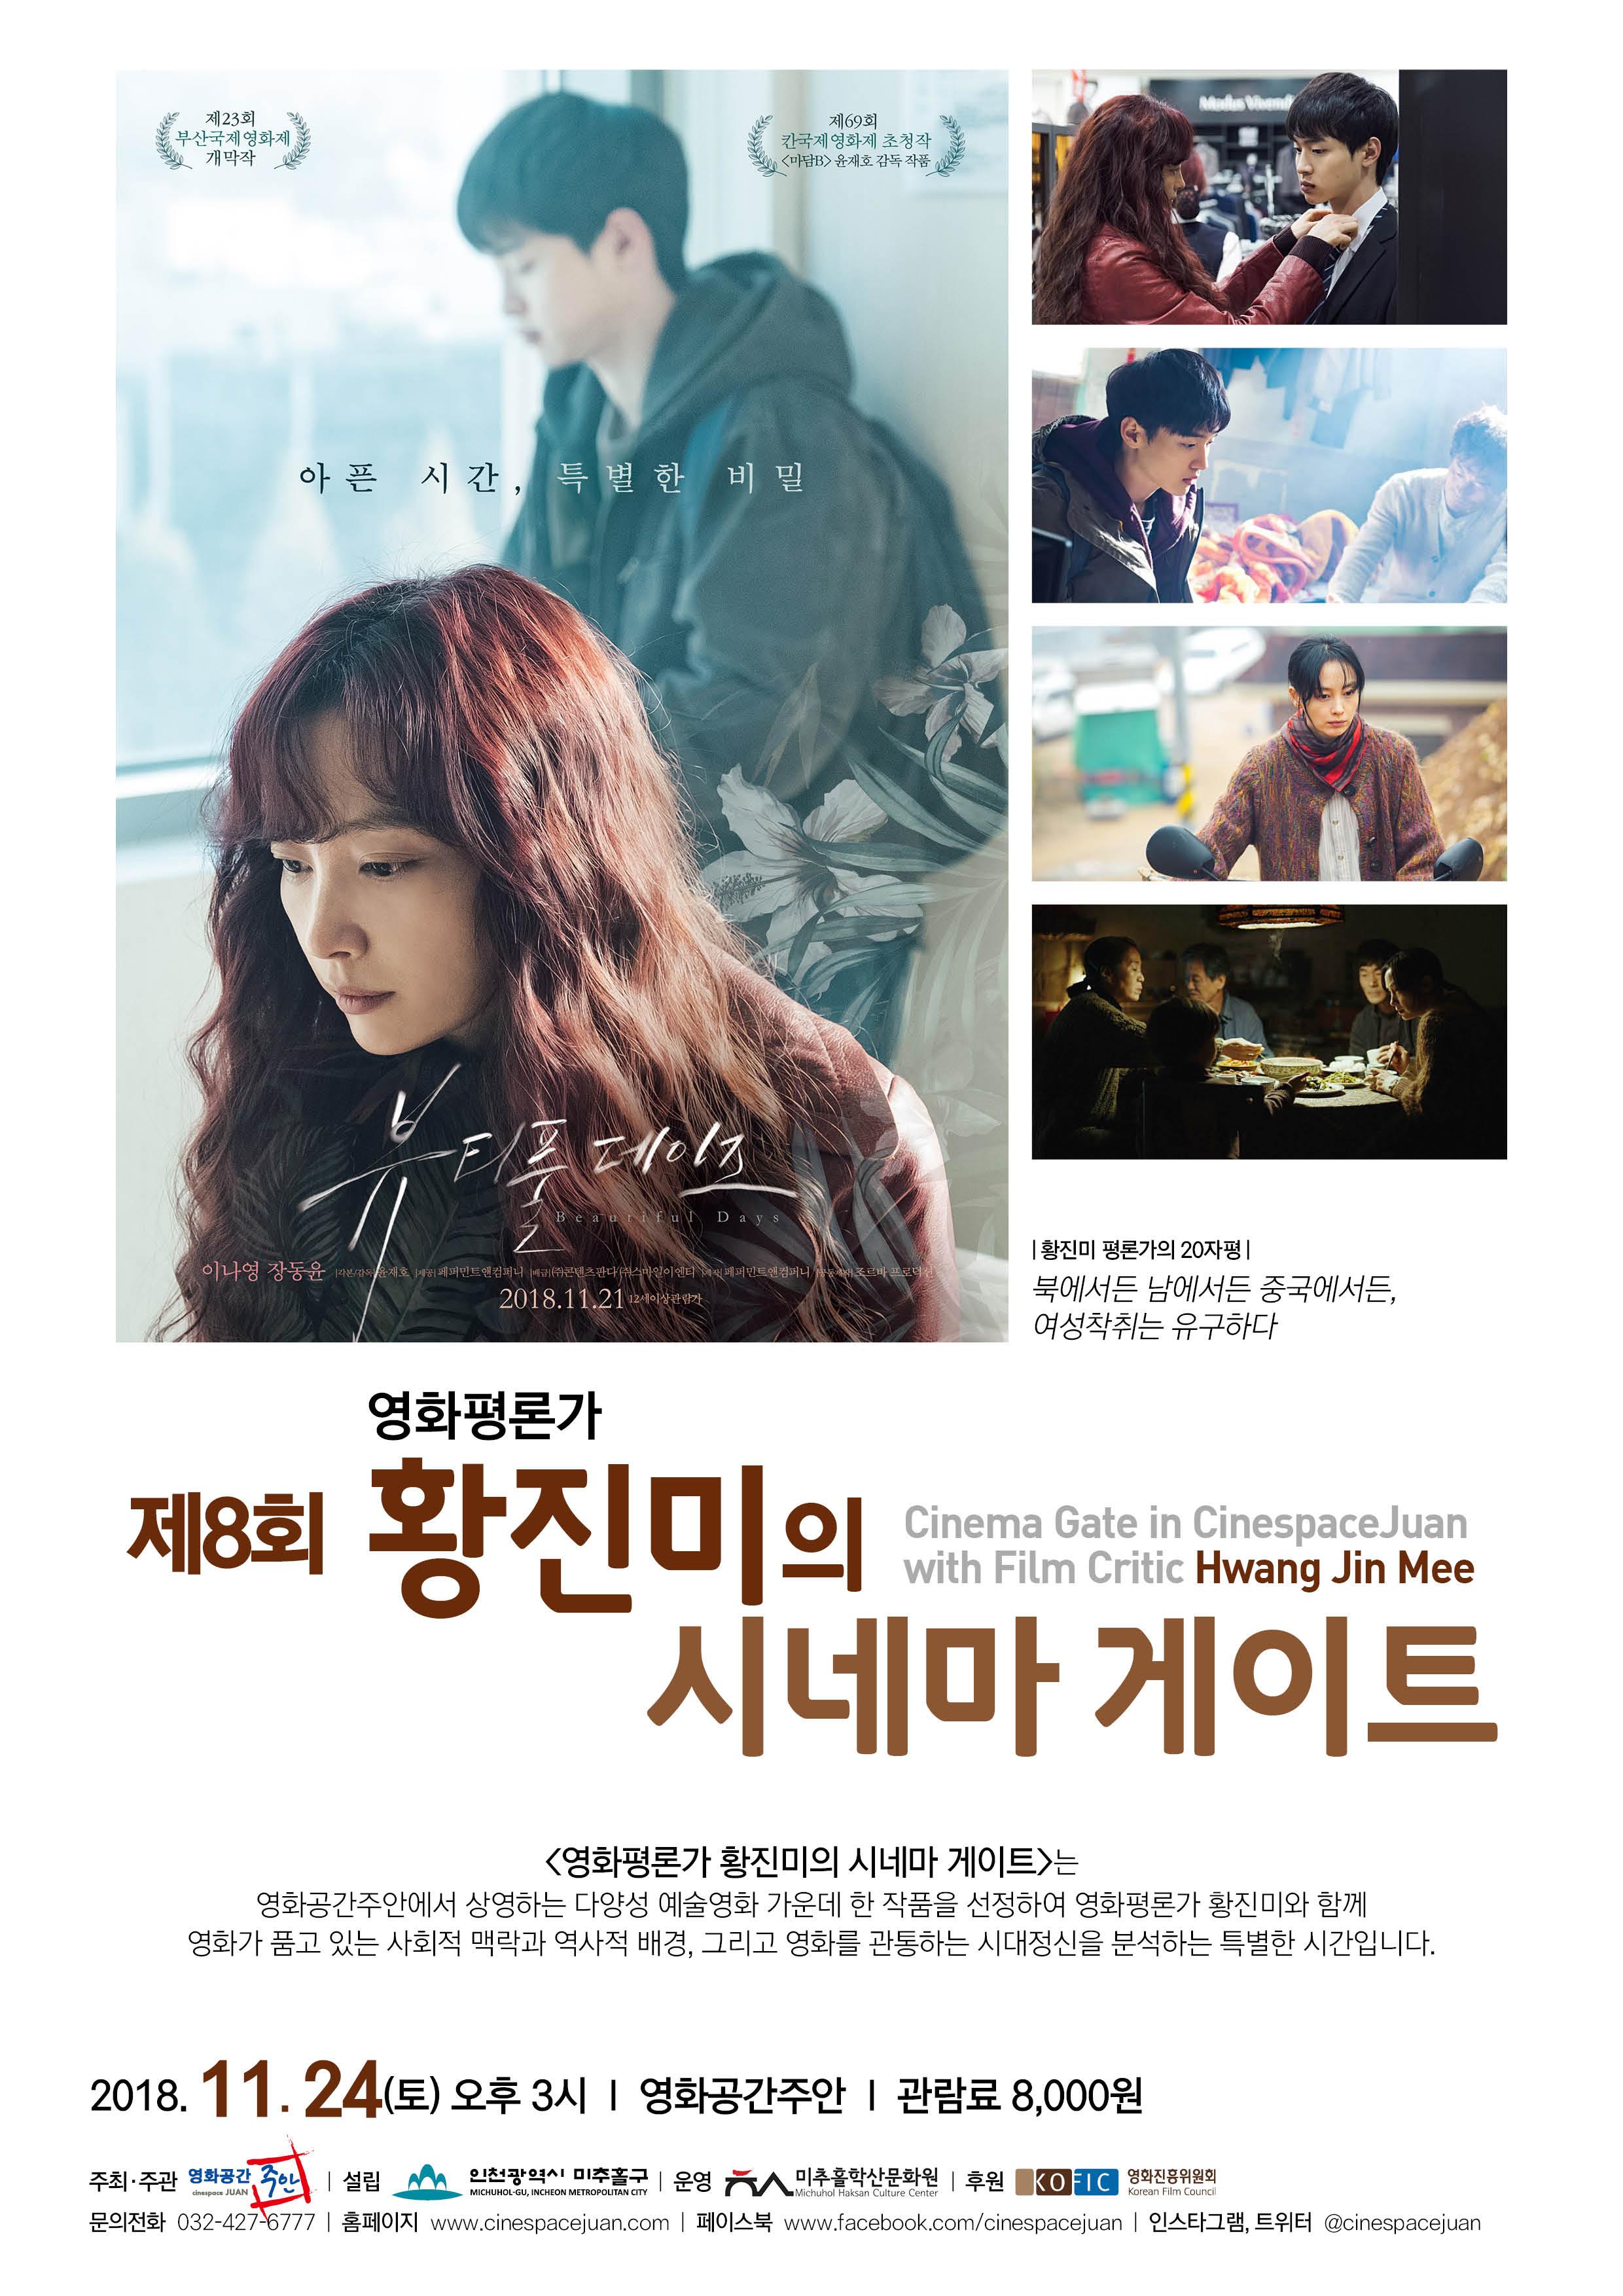 제8회영화평론가황진미의시네마게이트 (1).jpg